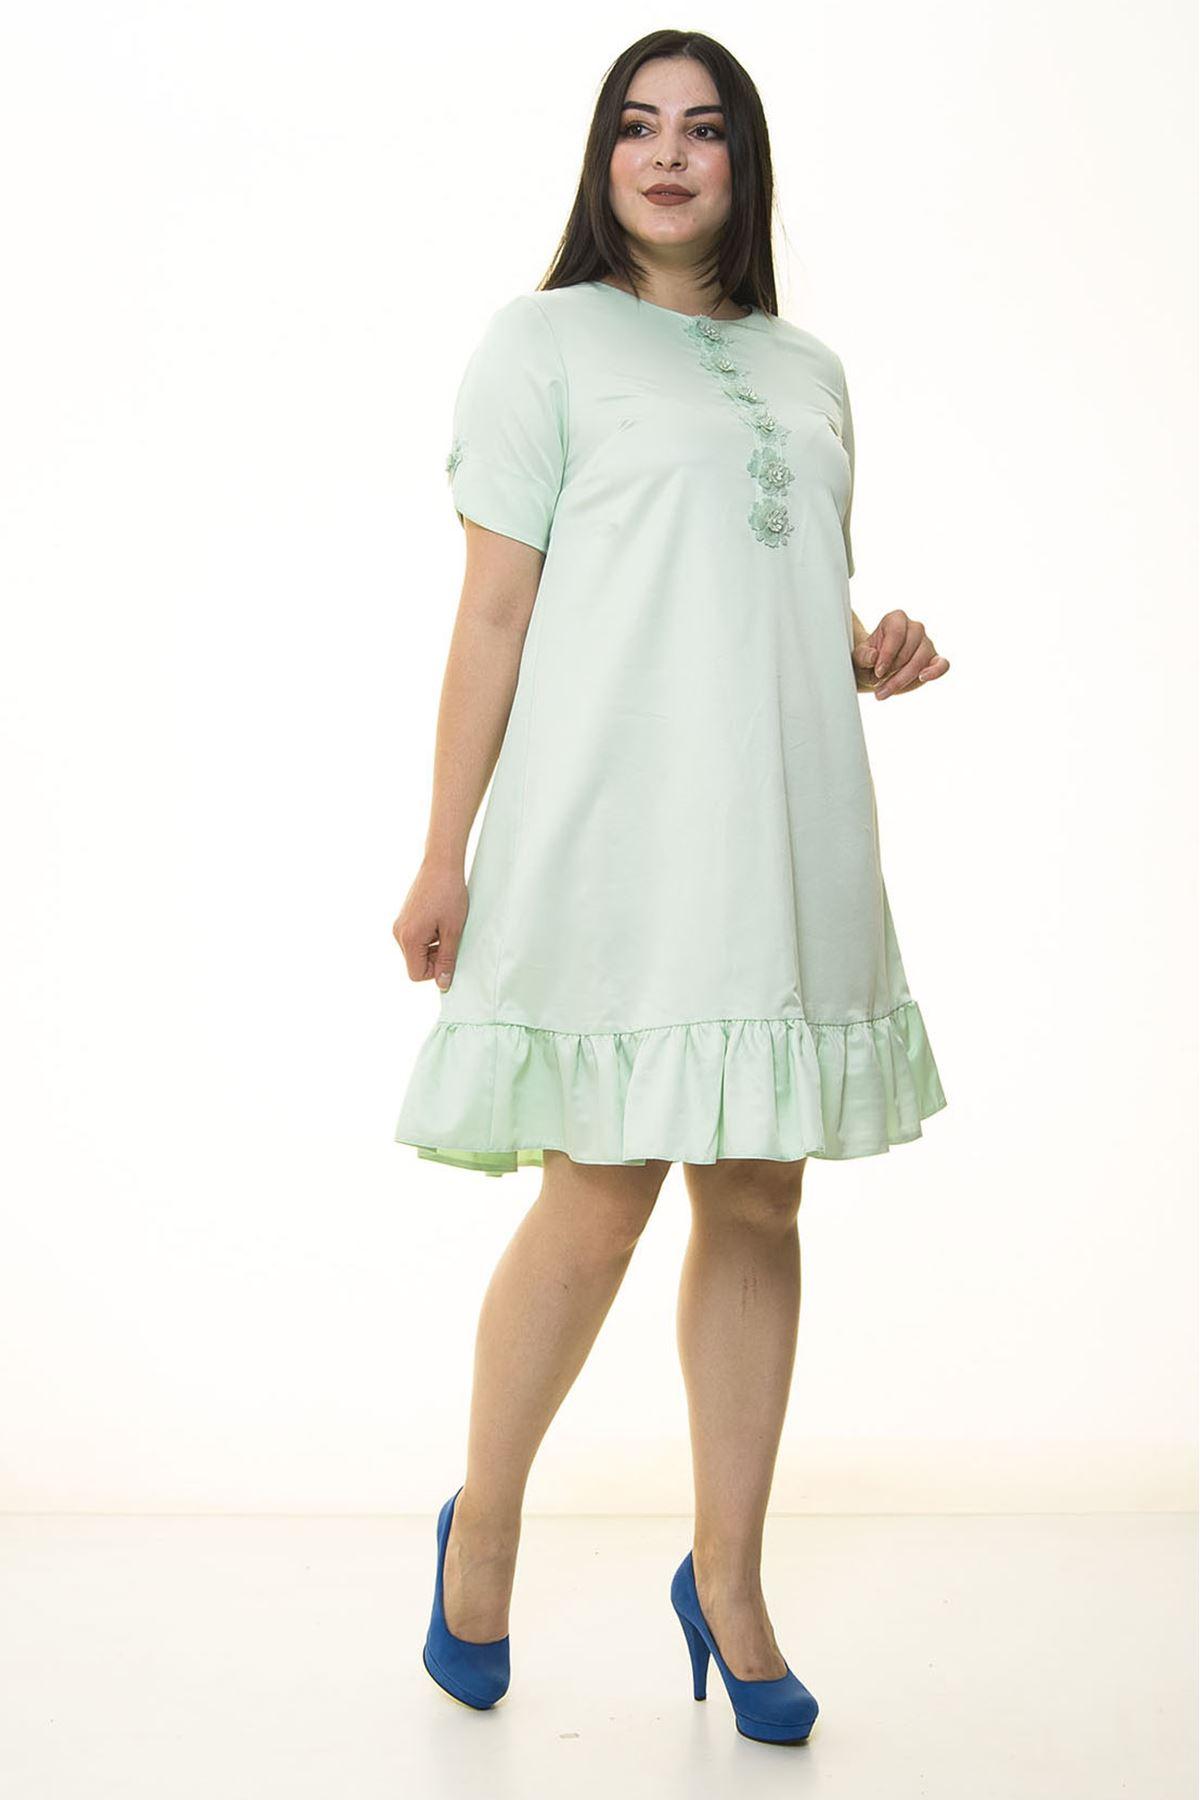 Eteği Fırfırlı Fistolu Büyük Beden Elbise 26D-1334